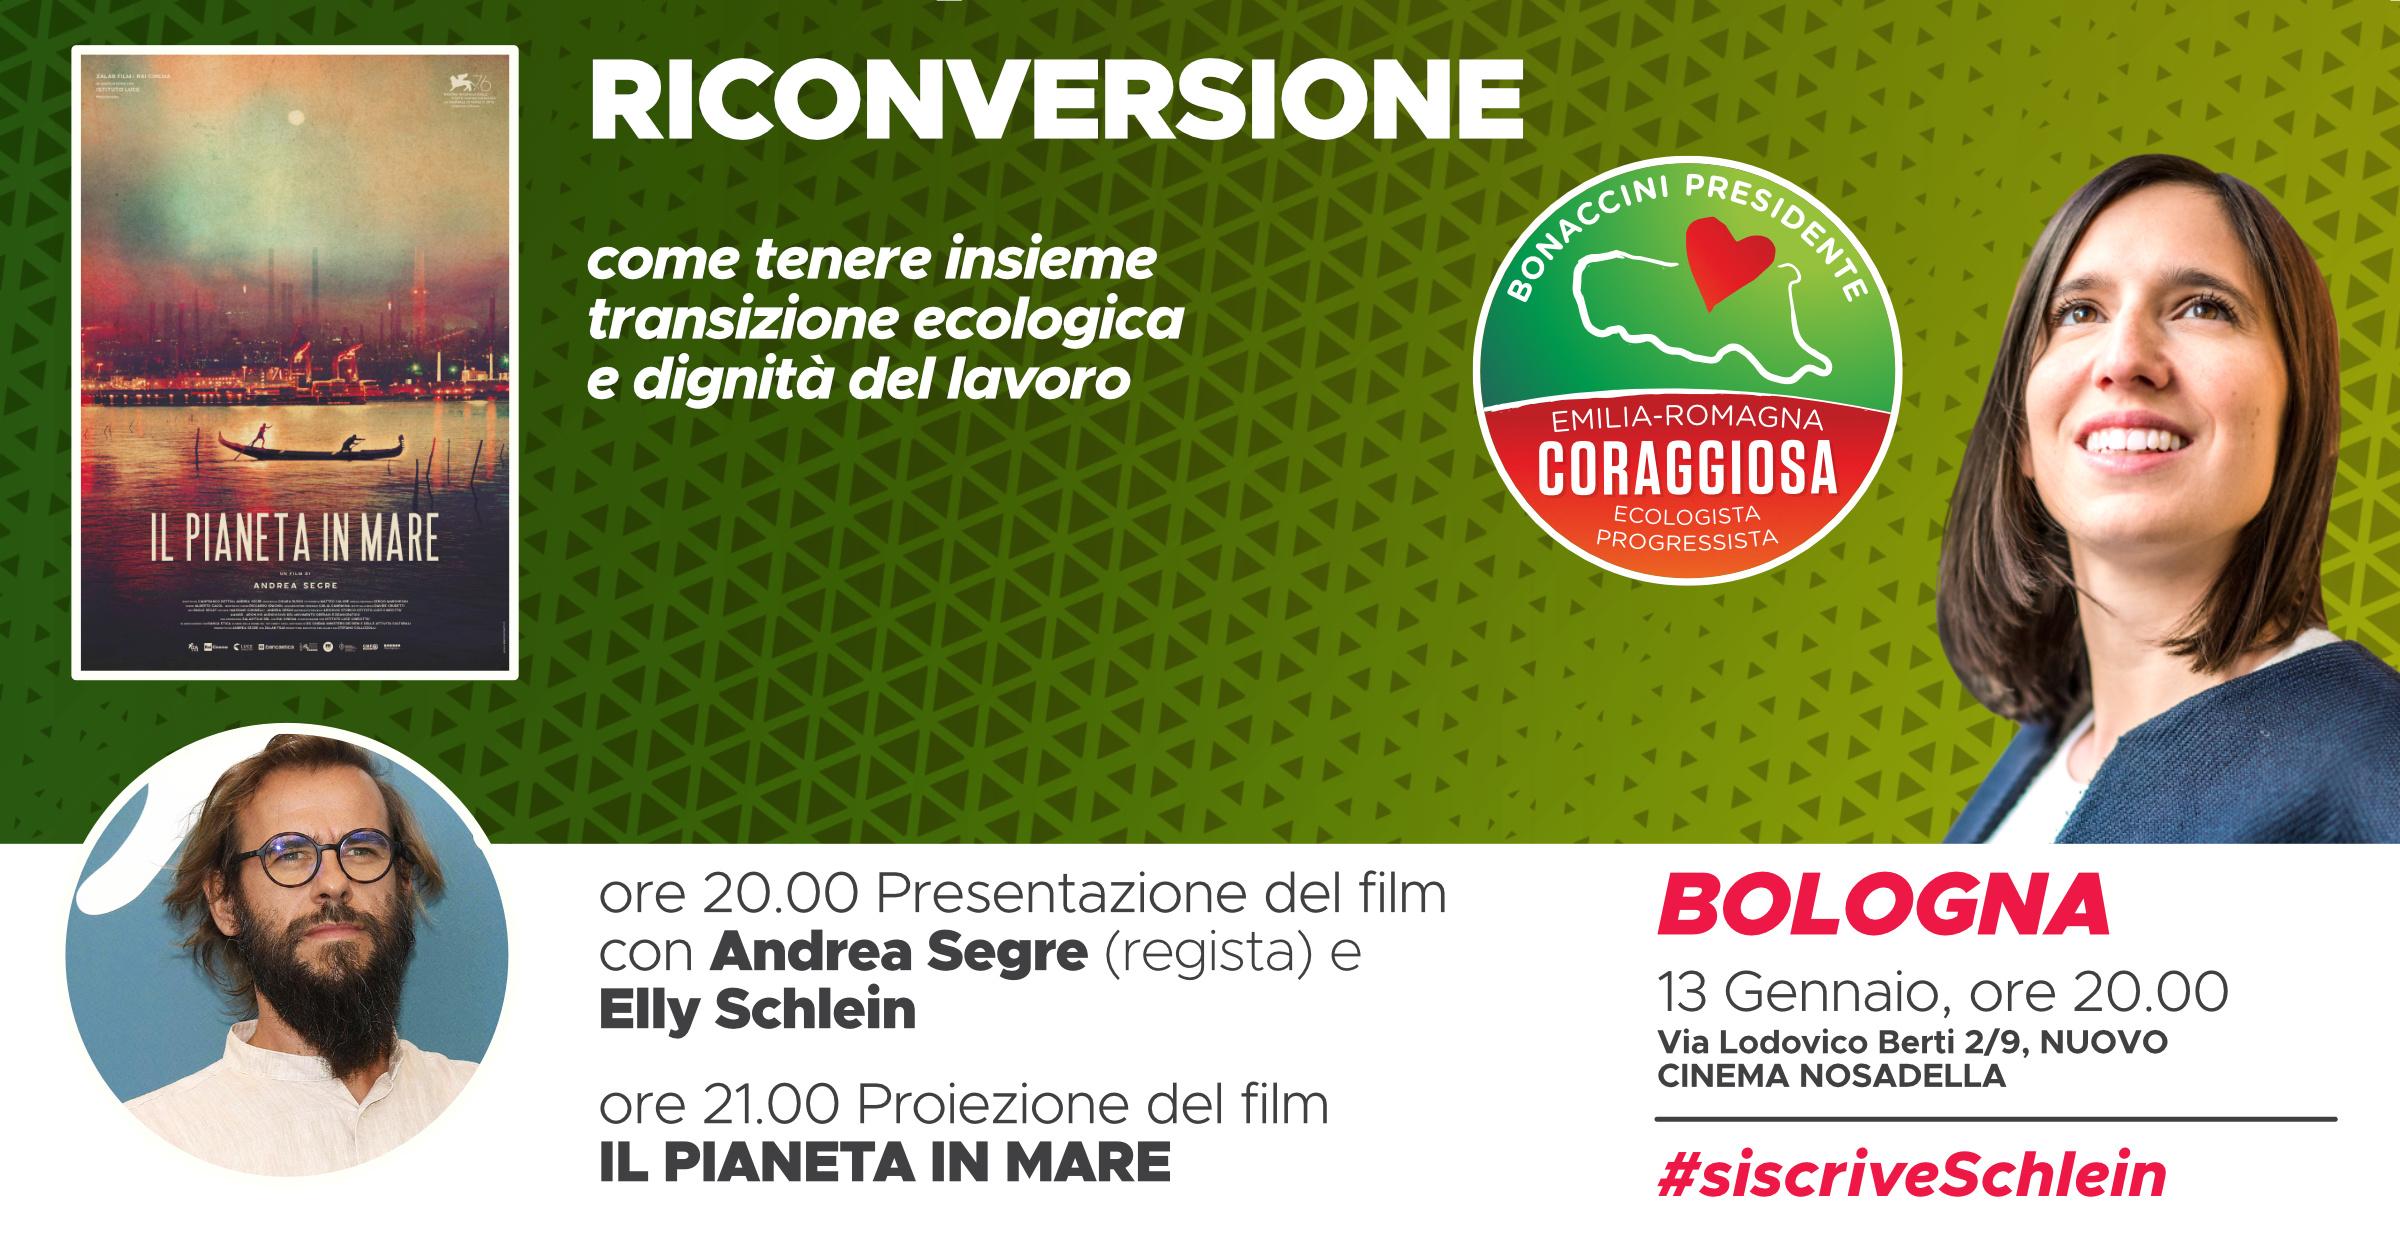 Riconversione - Con Andrea Segre ed Elly Schlein